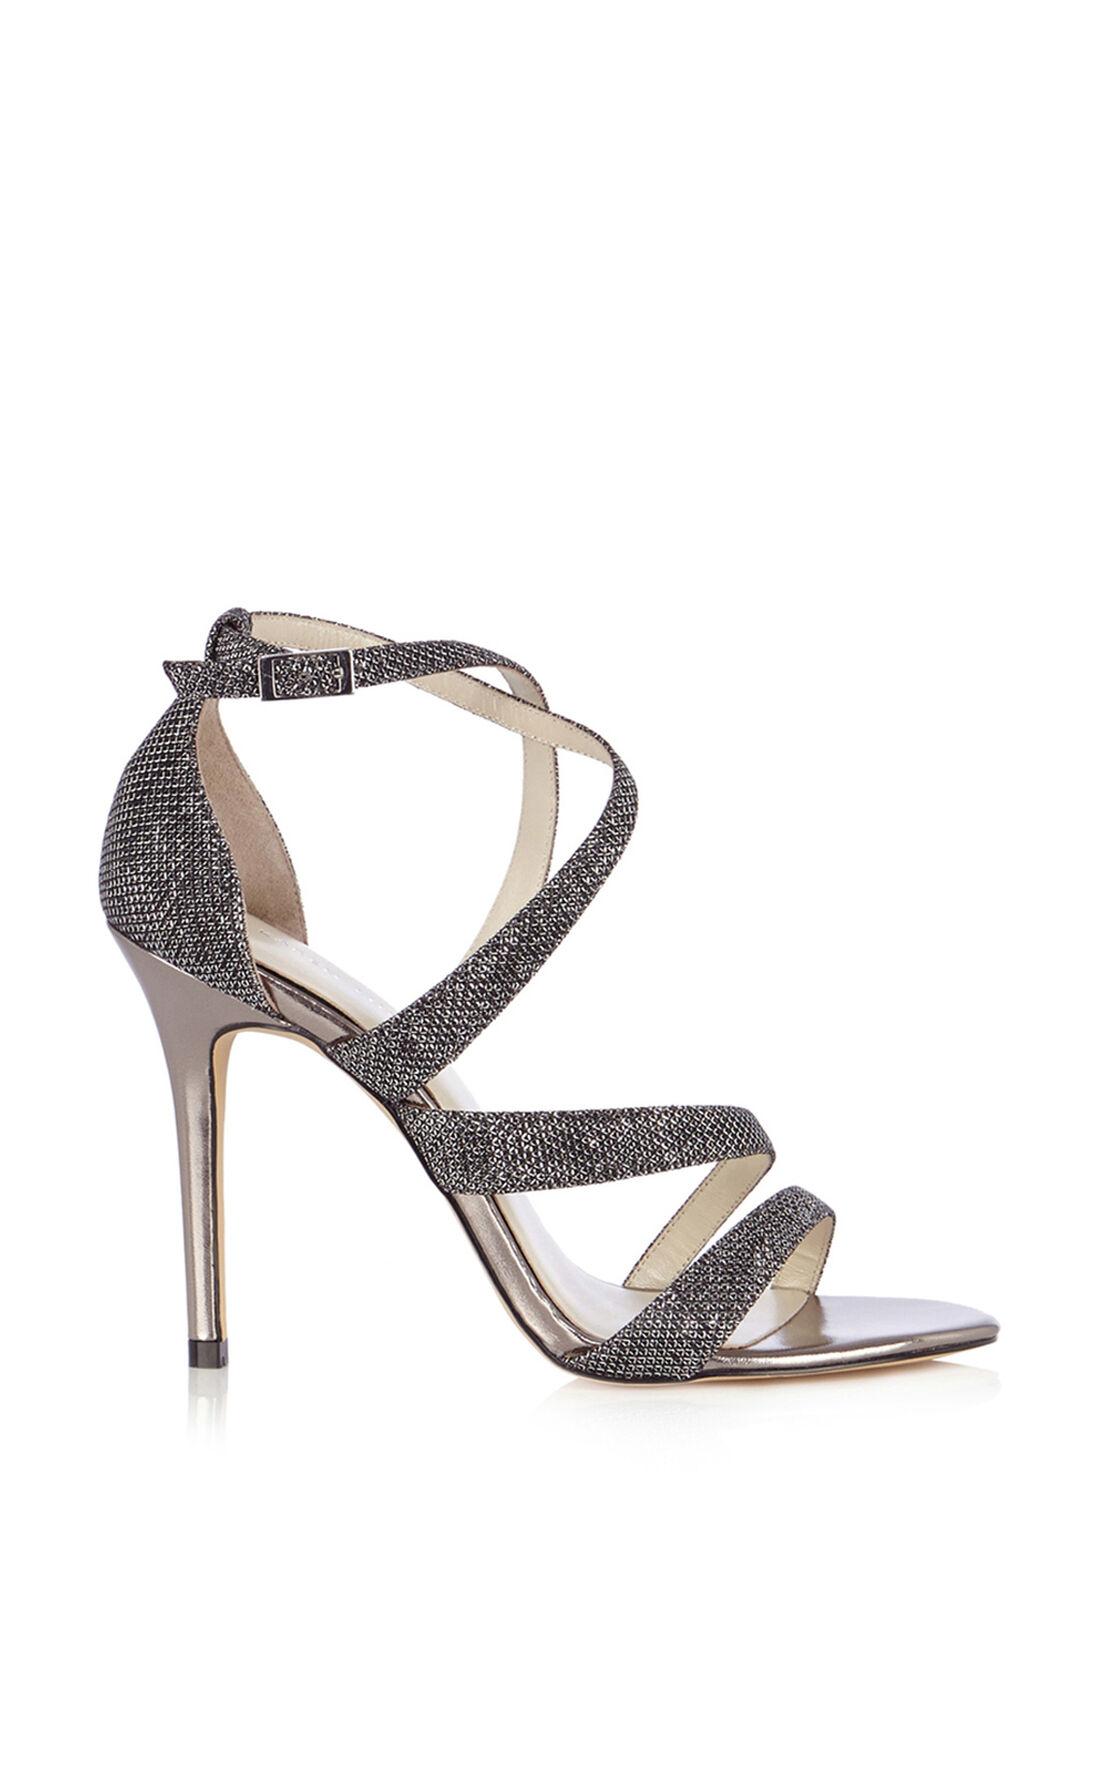 Karen Millen, Glitter Fabric Sandal Pewter 0